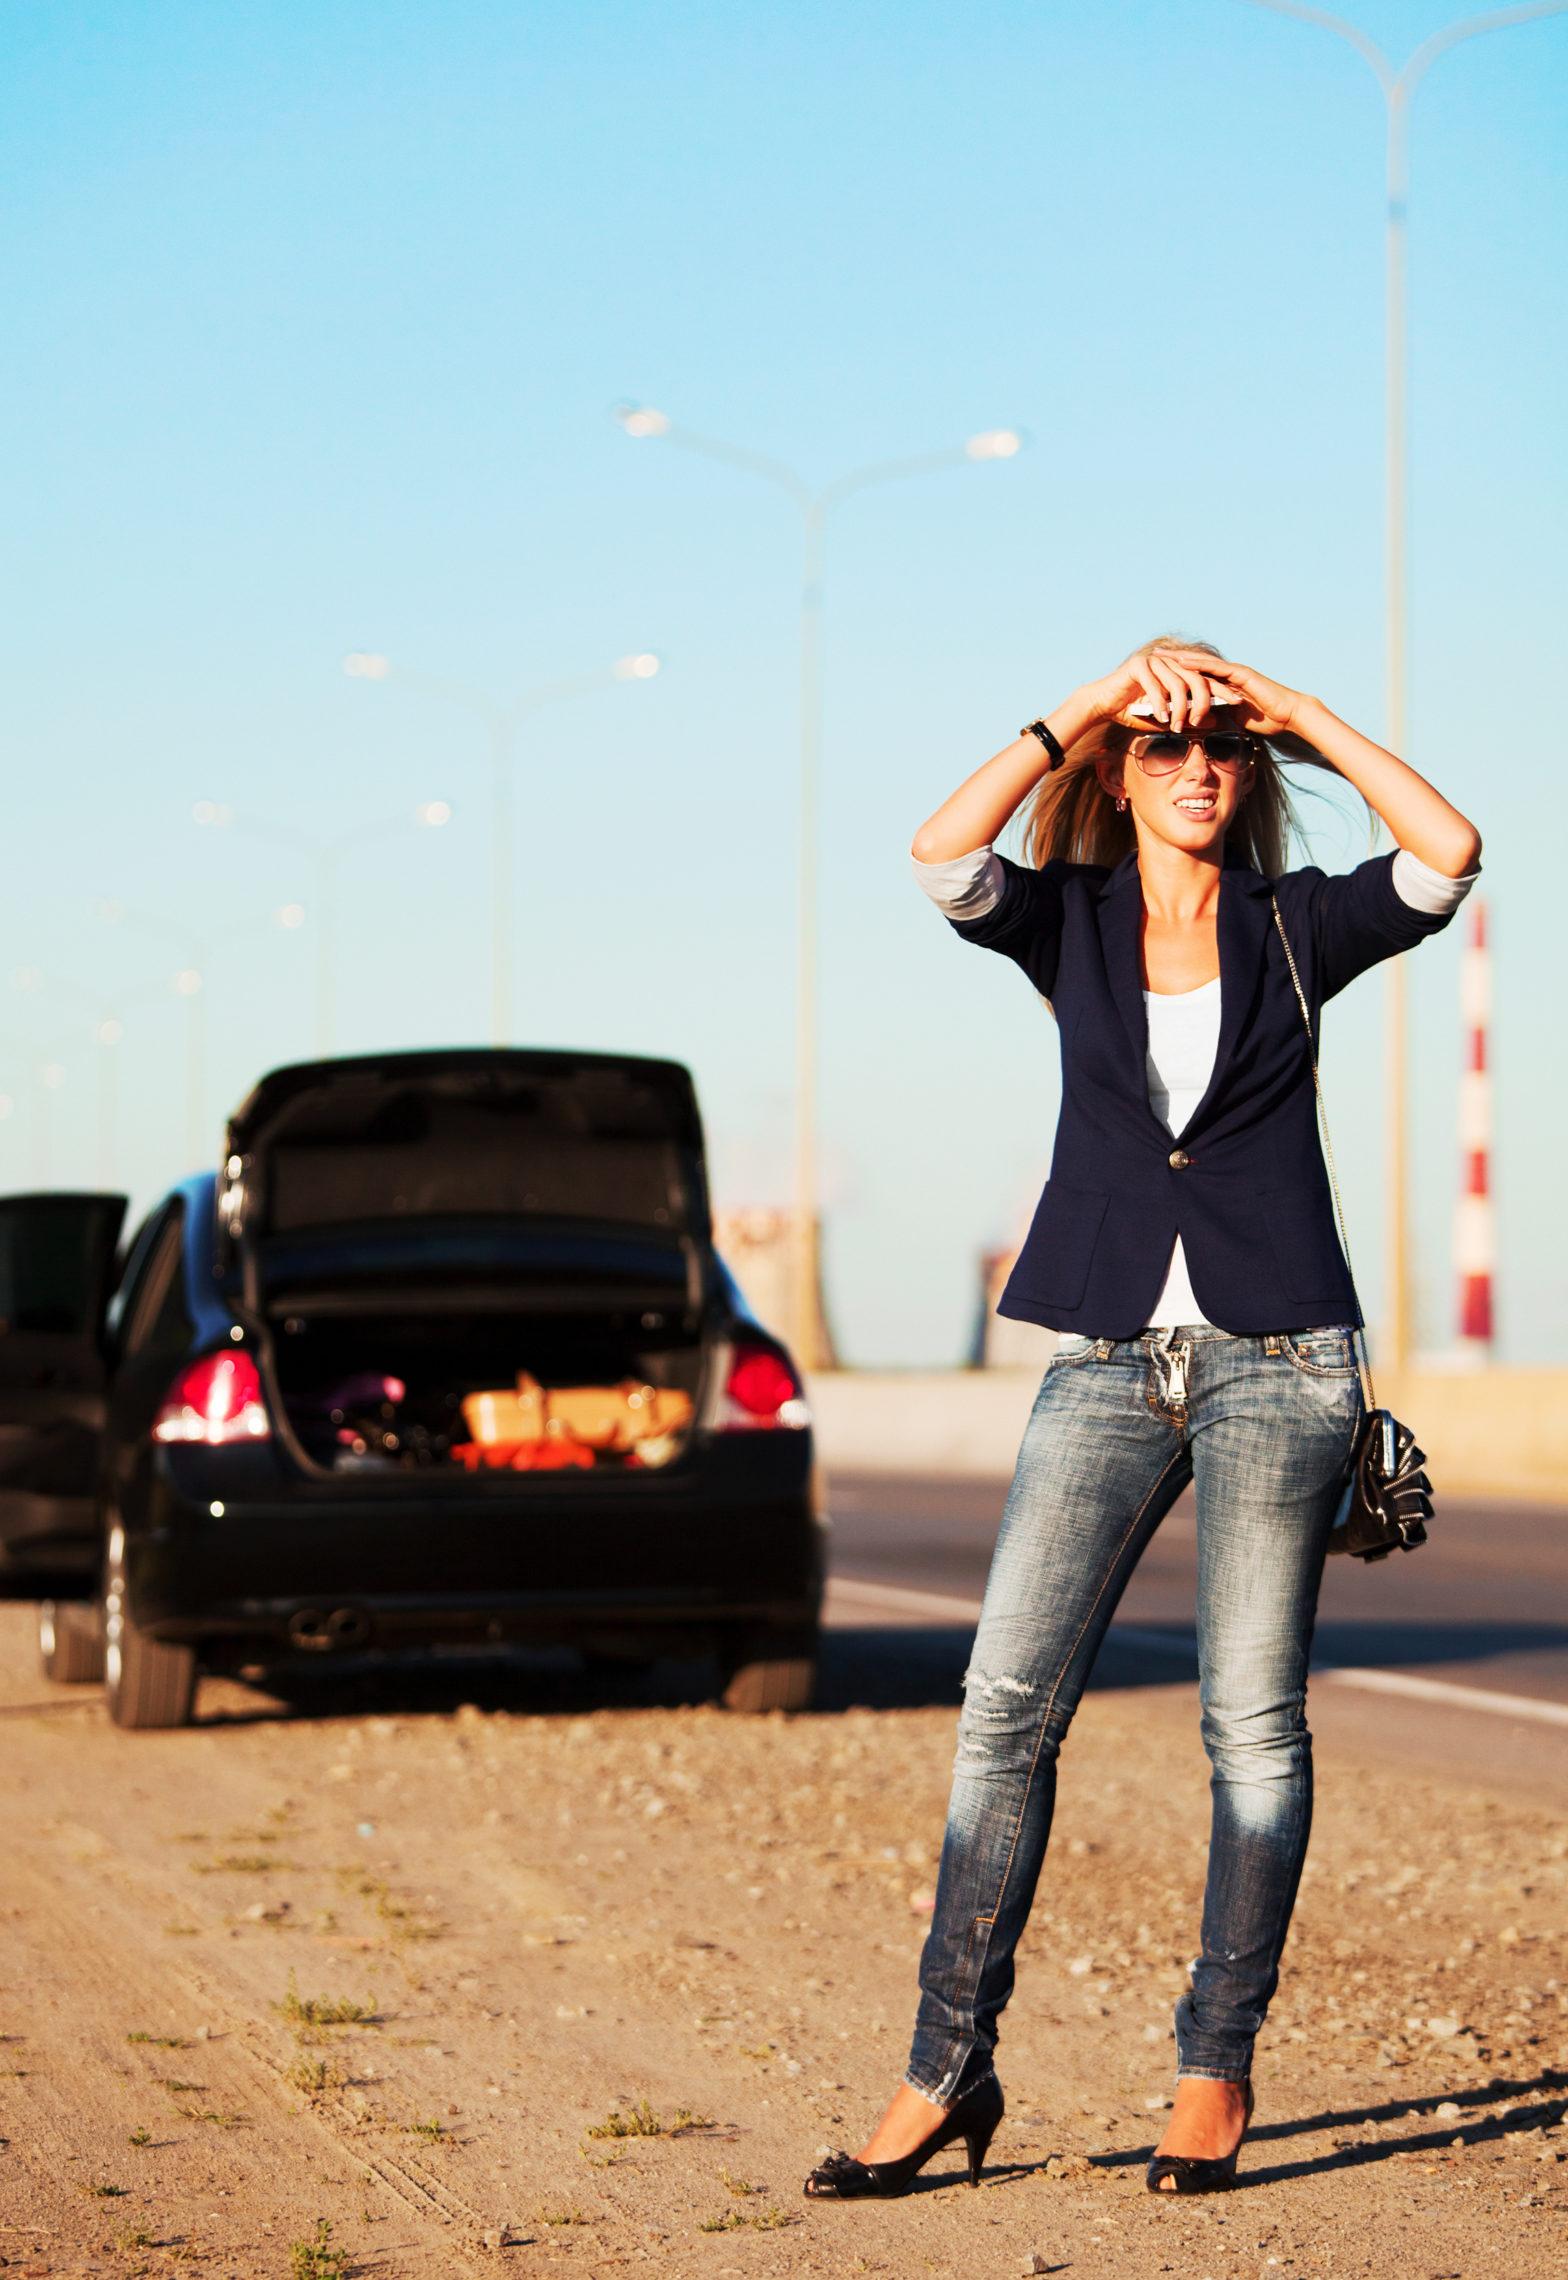 Im Durchschnitt schützen sich Österreicher weniger vor umgeplanten Ereignissen im Ausland oder auf Urlaub. Nur die Hälfte der reisenden Österreicher schützt sich gegen Gesundheitsproblemen im Ausland anhand einer Auslandskrankenversicherung und gegen. Auch nur die Hälfte der Reisende besorgt sich für den Fall, dass das Auto liegen bleibt und einen Pannenschutz notwendig ist.